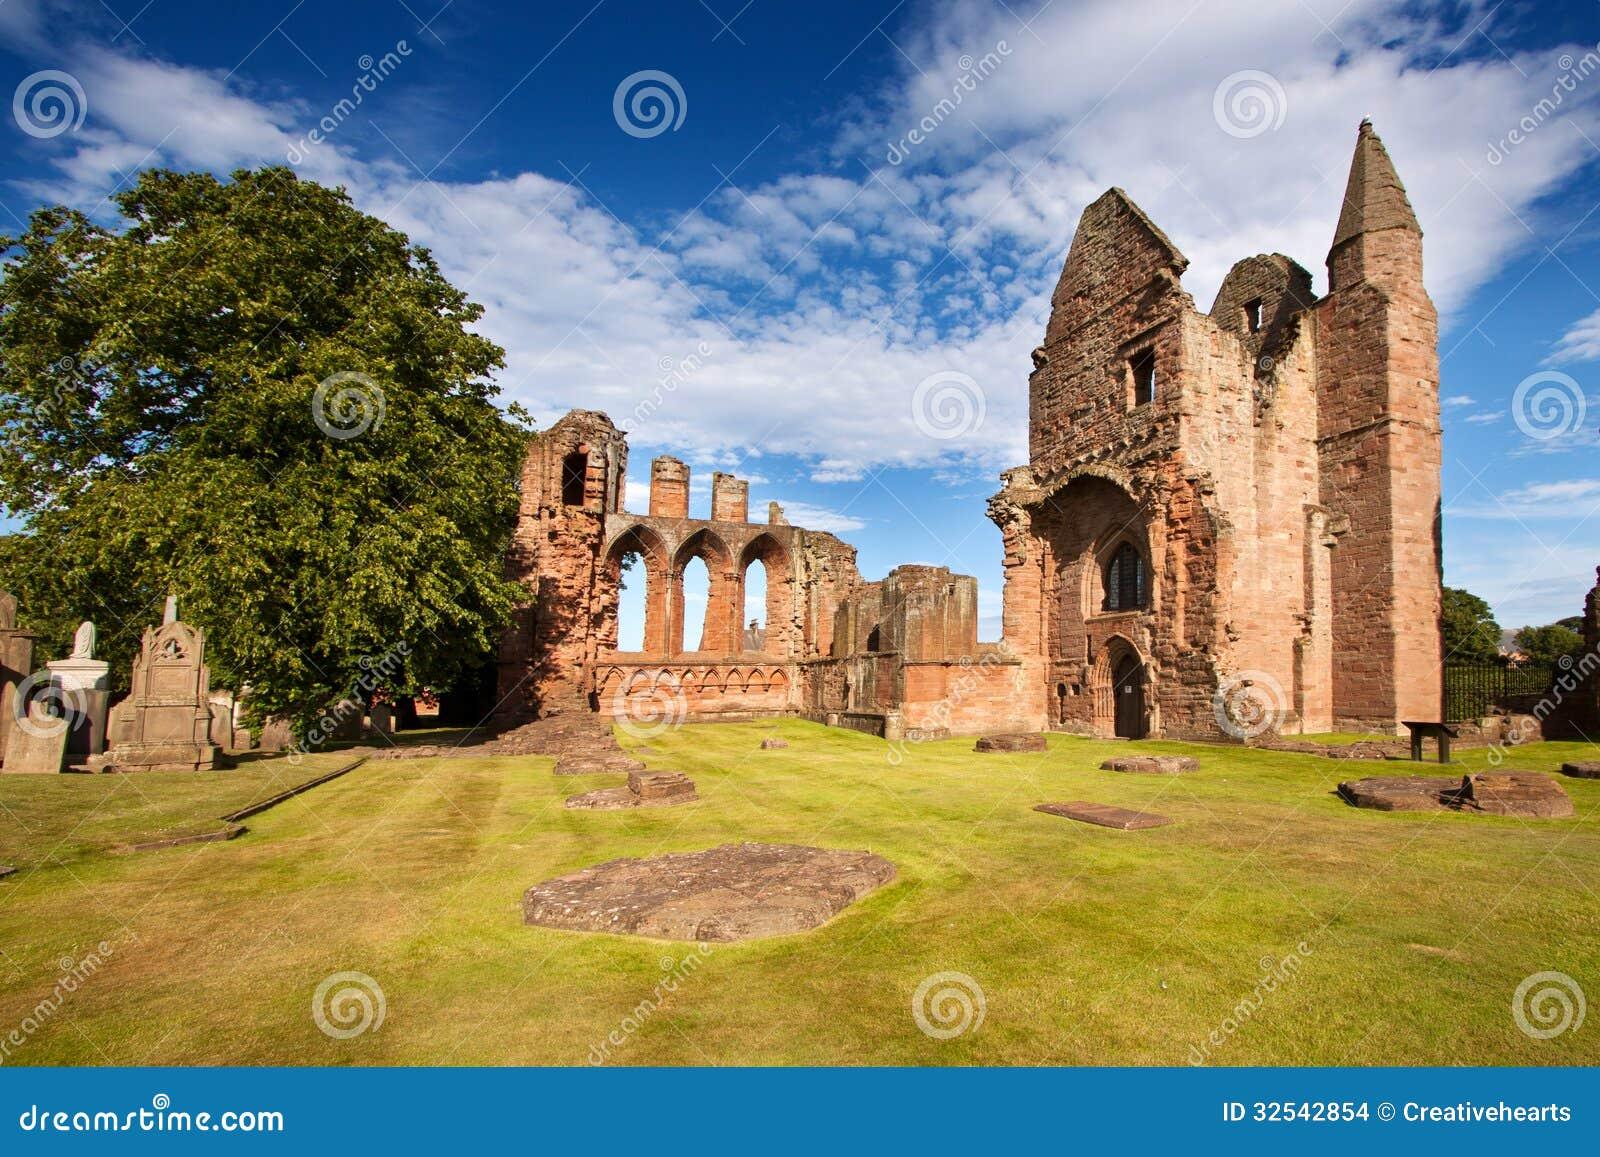 Abadia de Arbroath, Angus, Escócia